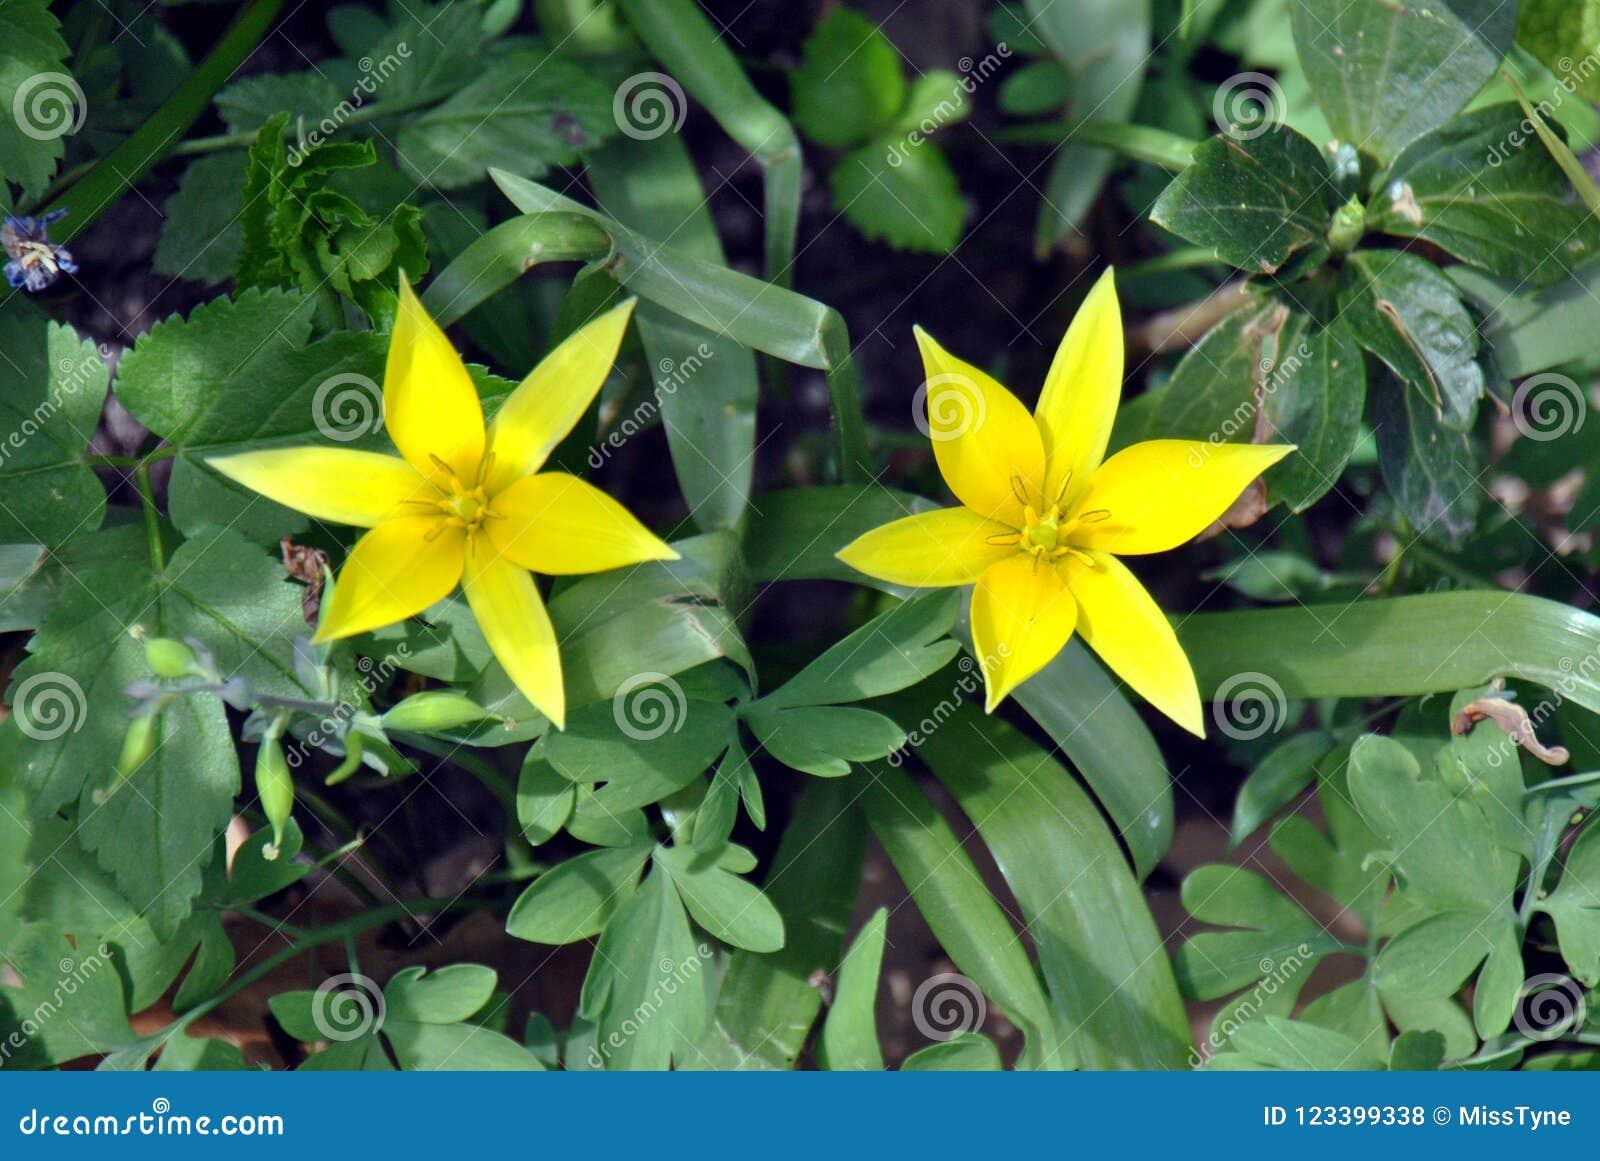 Fiore Giallo 6 Petali.Due Tulipani Gialli Con Sei Petali Hanno Modellato Come Una Stella